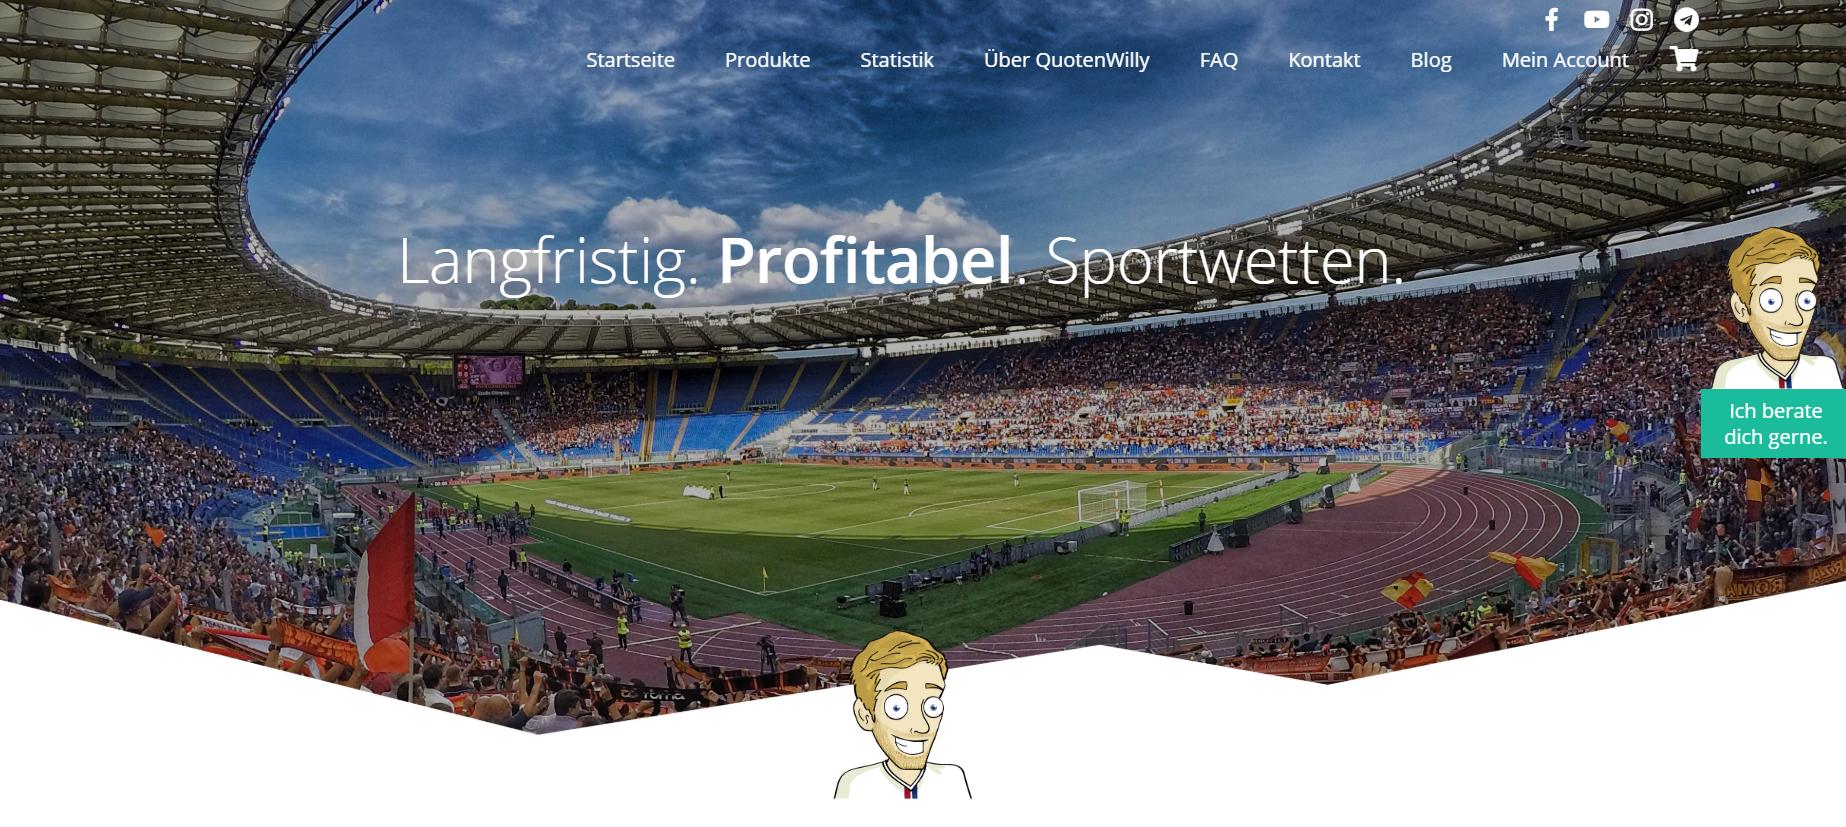 Jan Maak & Sportwetten: Erfahrungen mit Quotenwilly.com